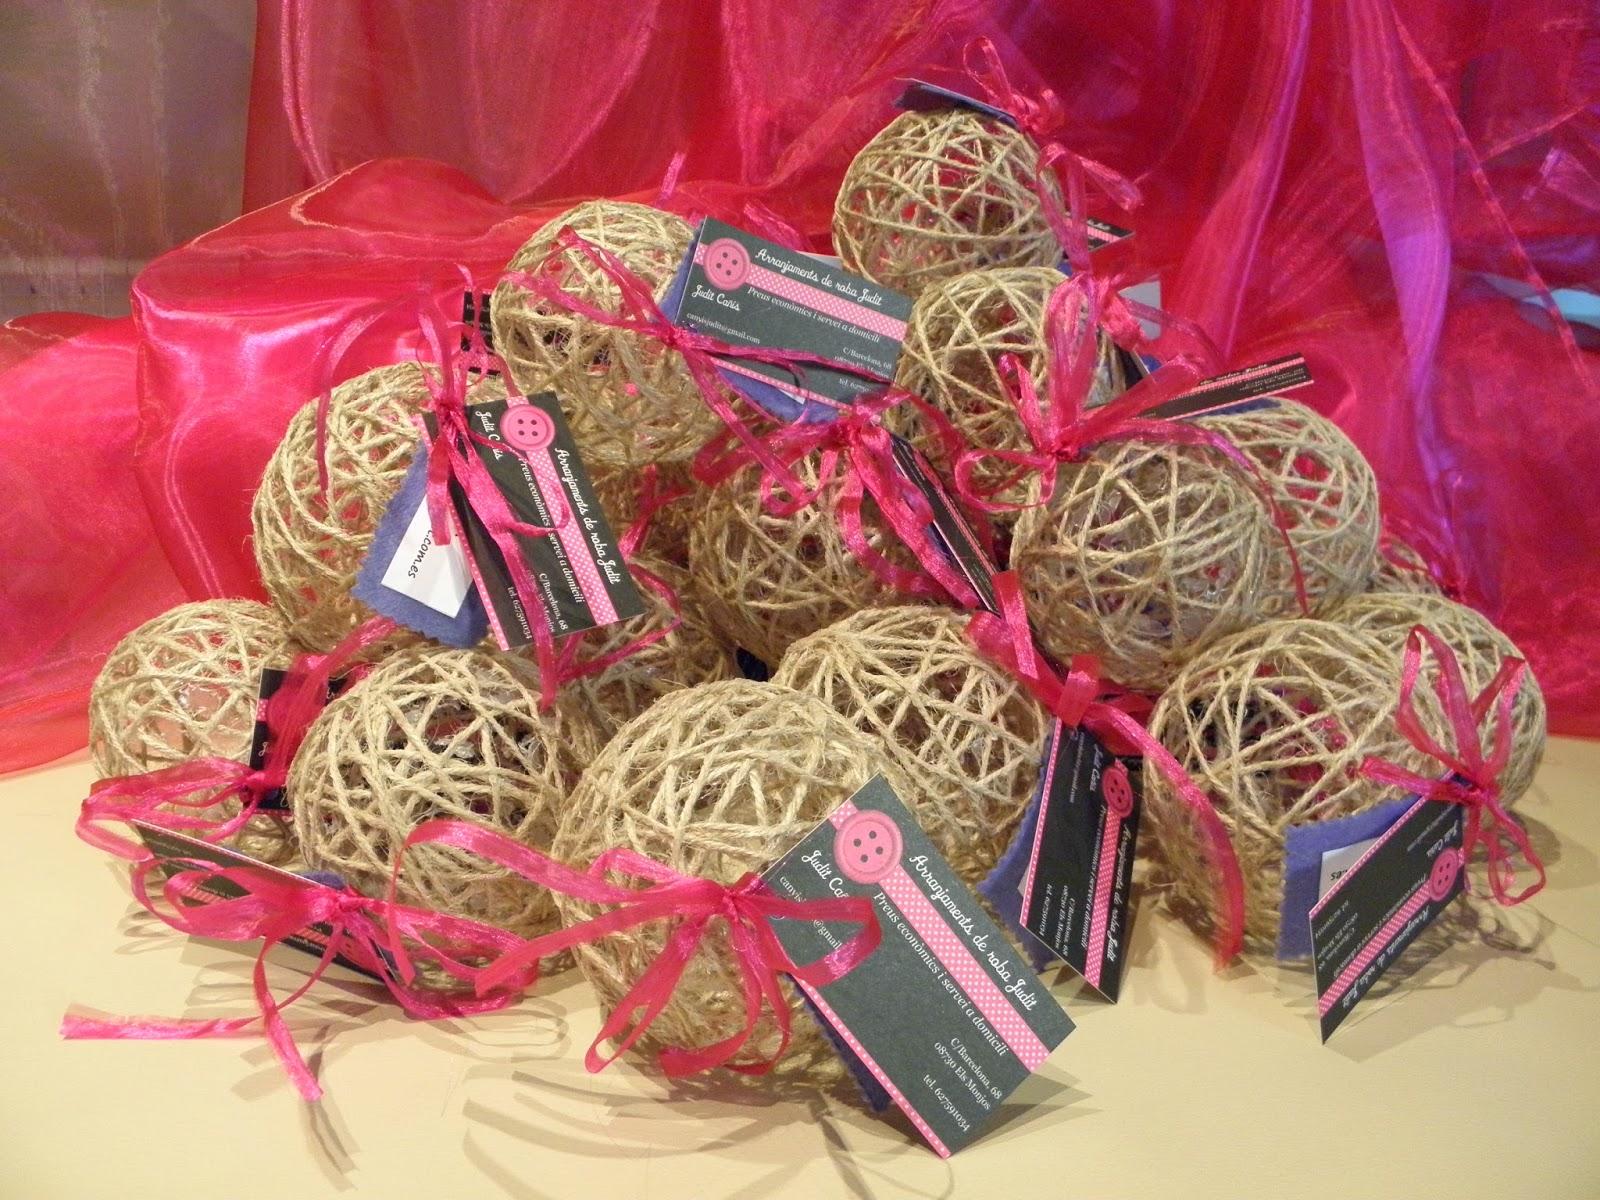 Proyectos bolas de hilo sisal para decorar - Bolas de hilo ...